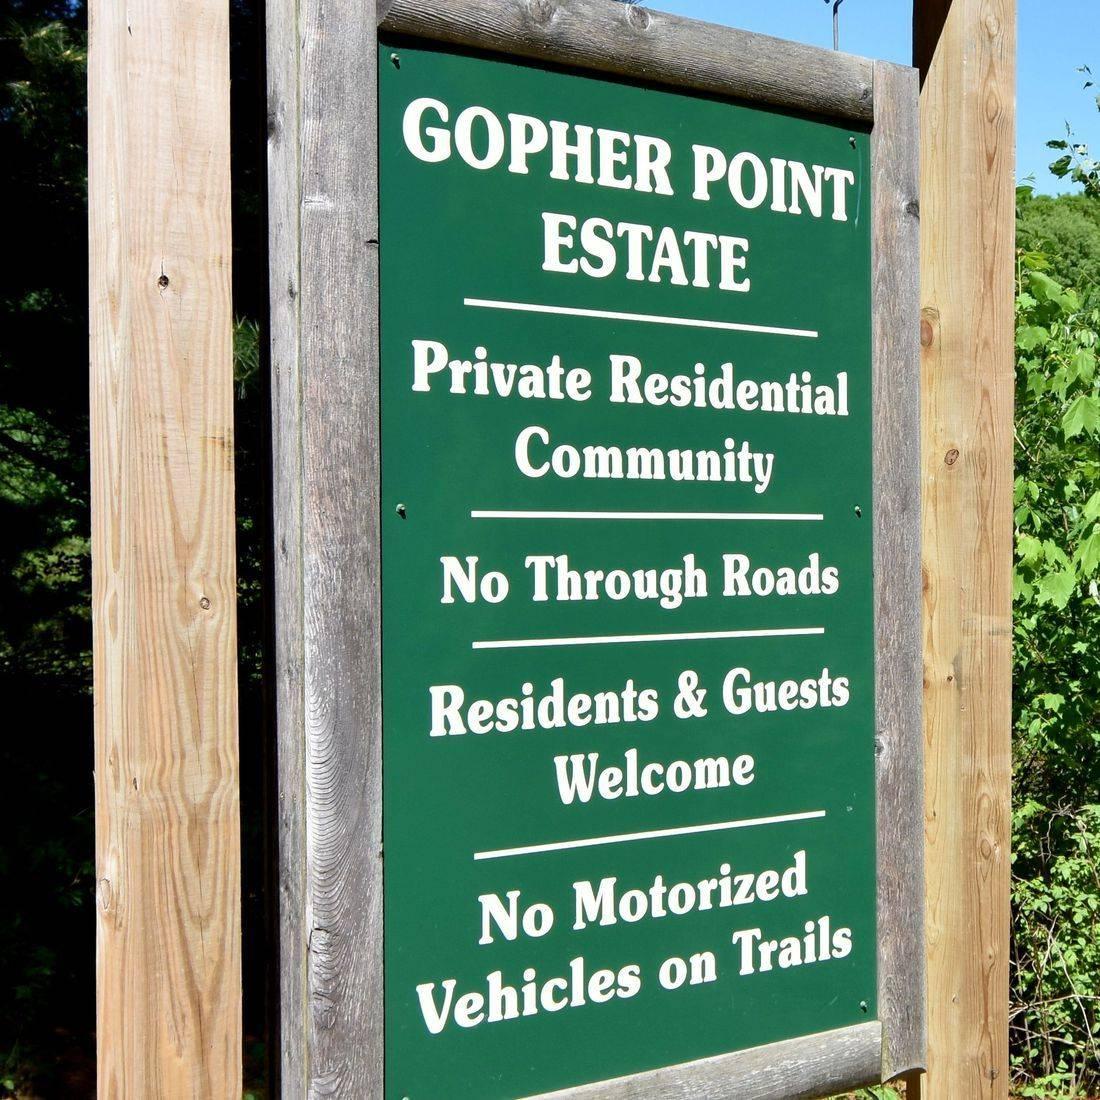 Gopher Point Estate